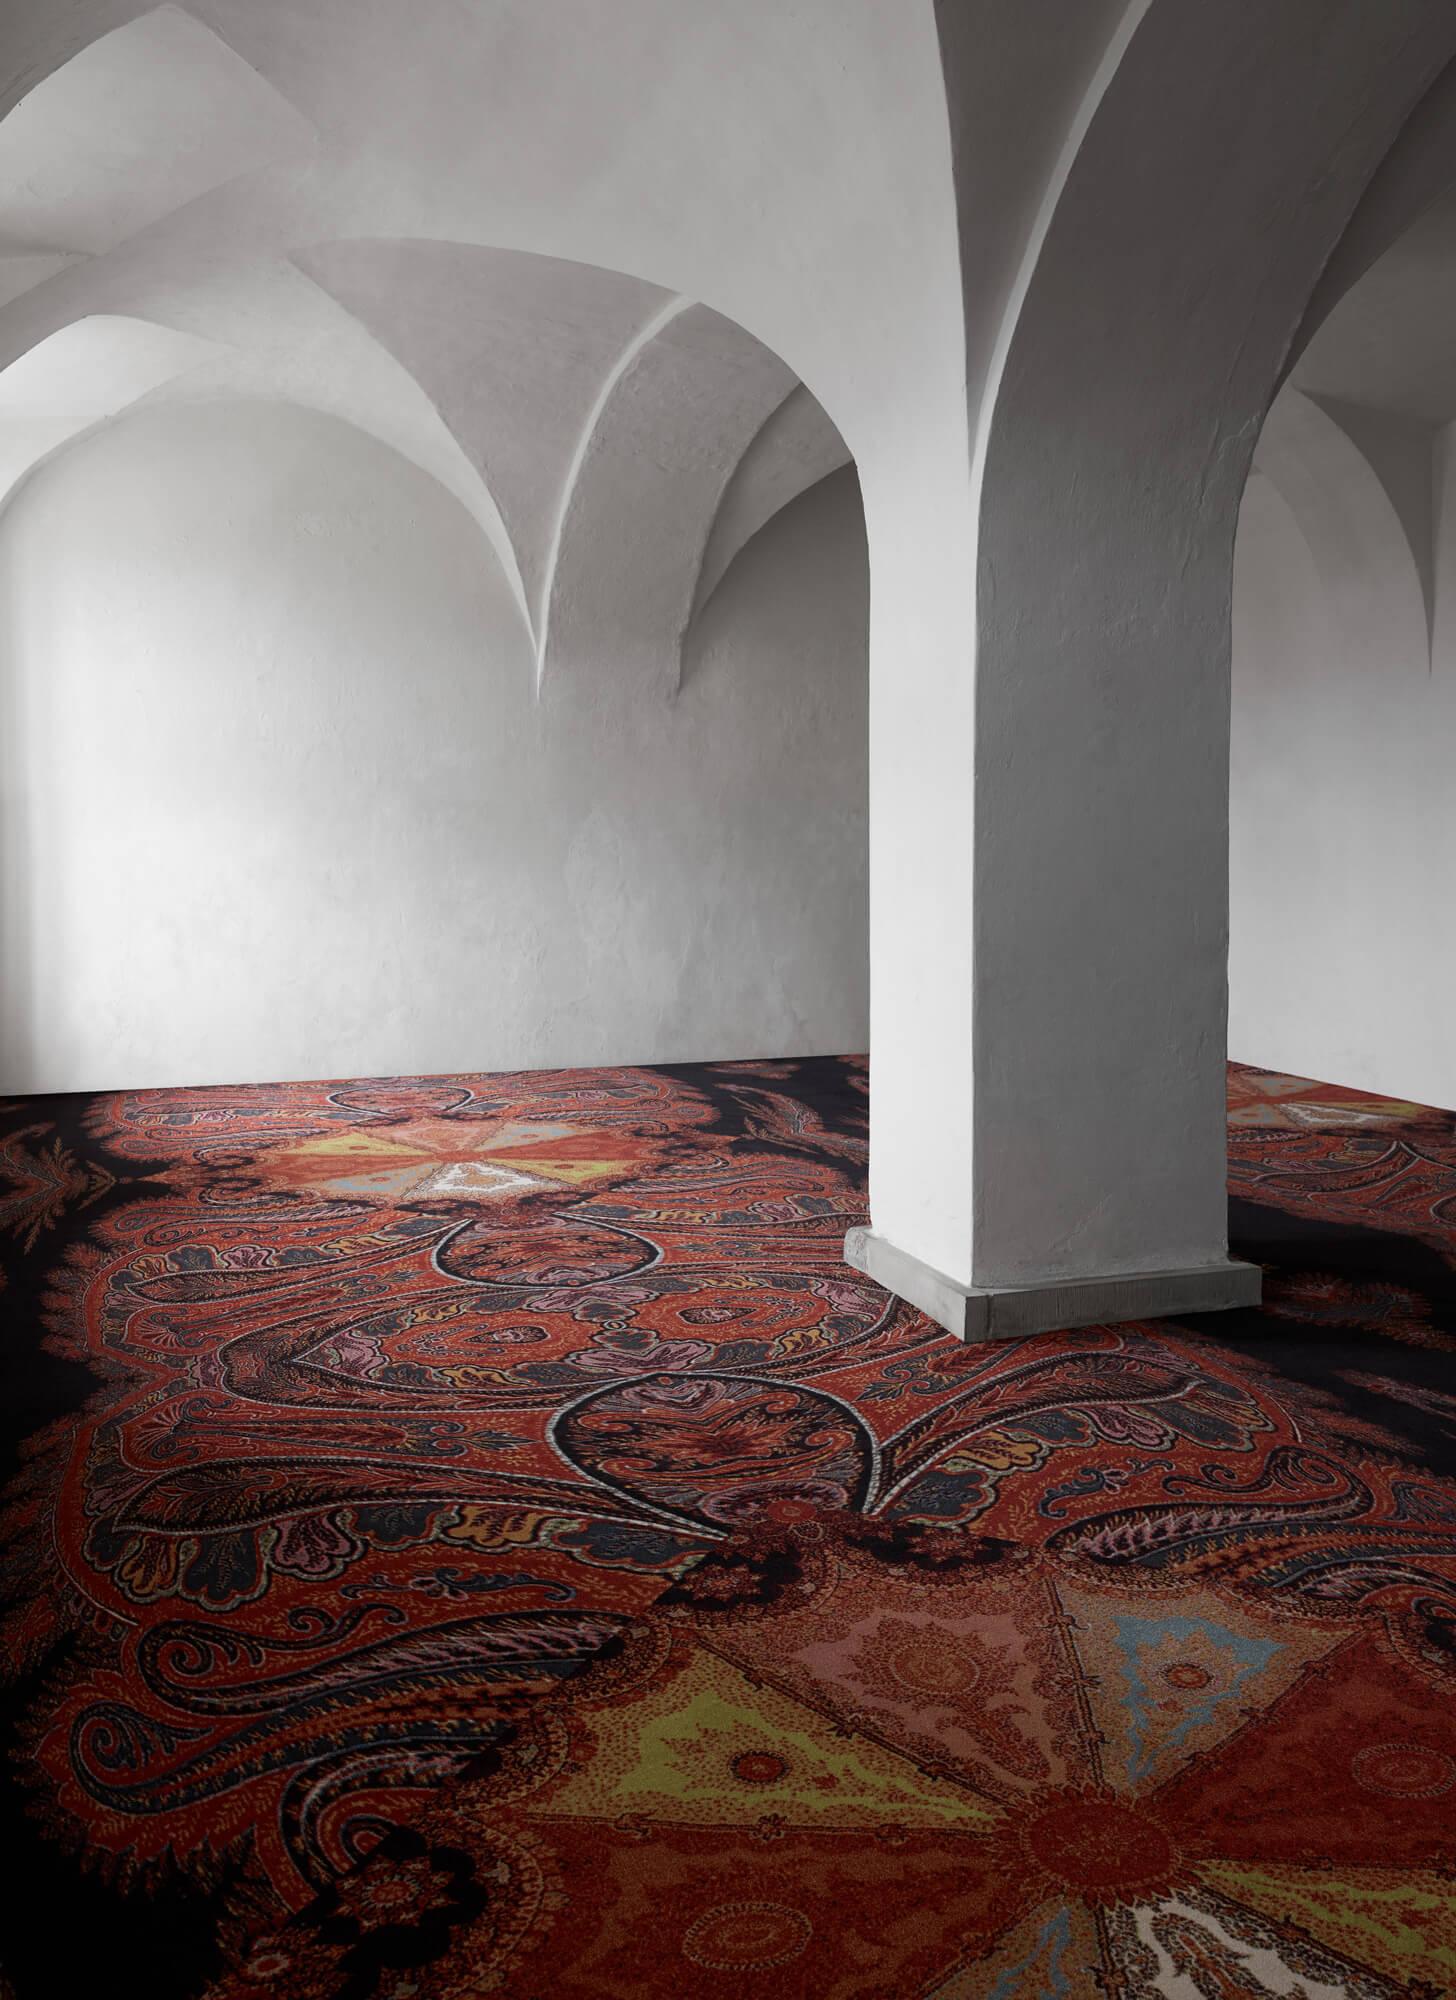 Atelier_Cachemire-RF52752716_001_vn.jpg